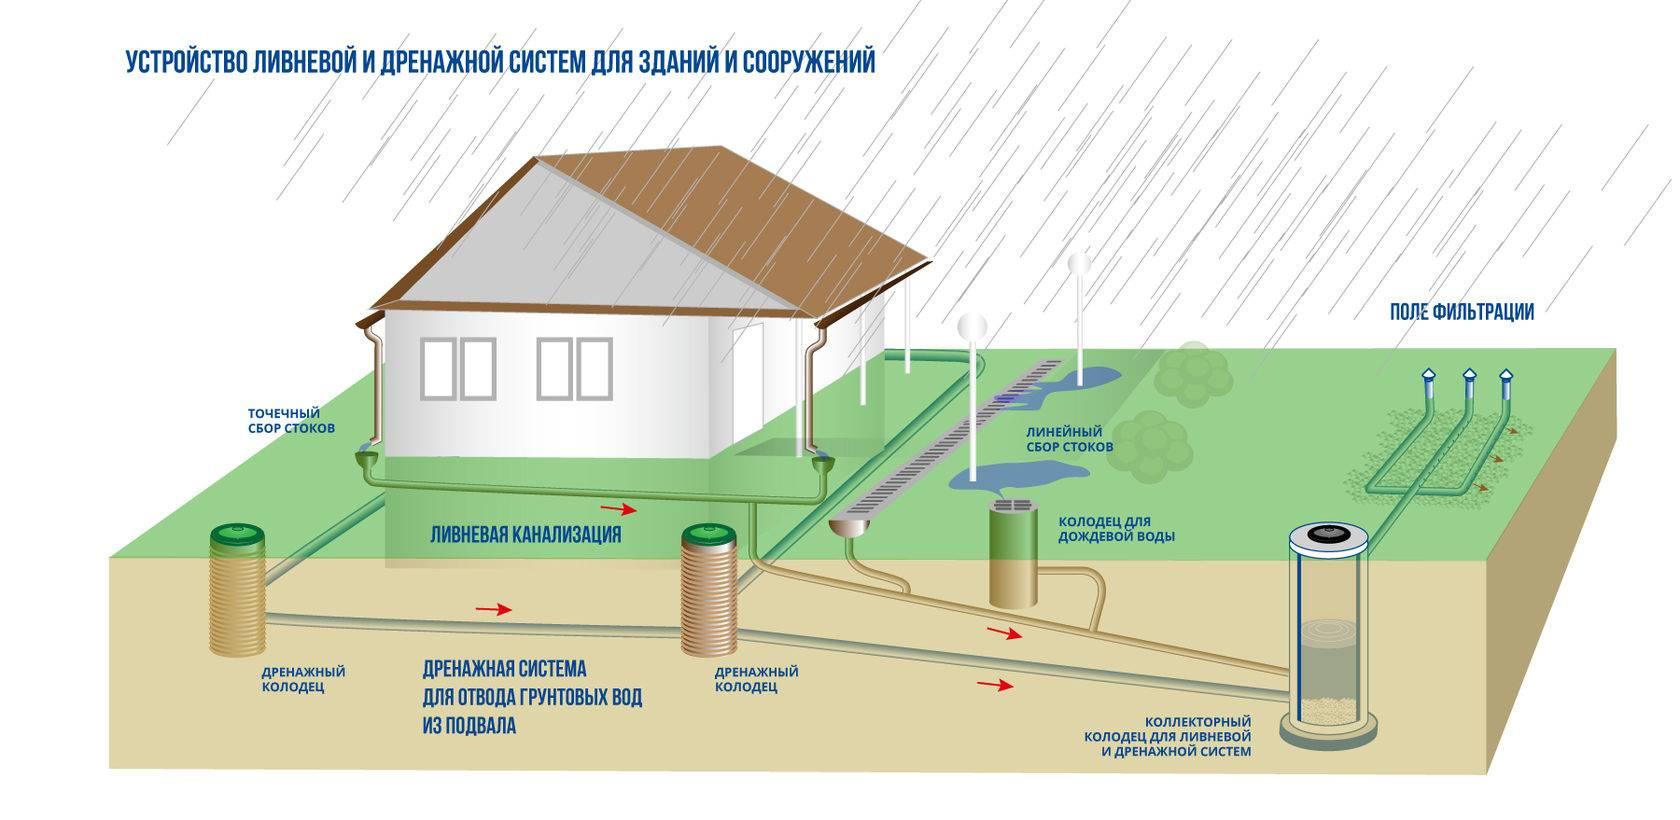 Водоотведение на даче – для чего нужно и какую систему выбрать